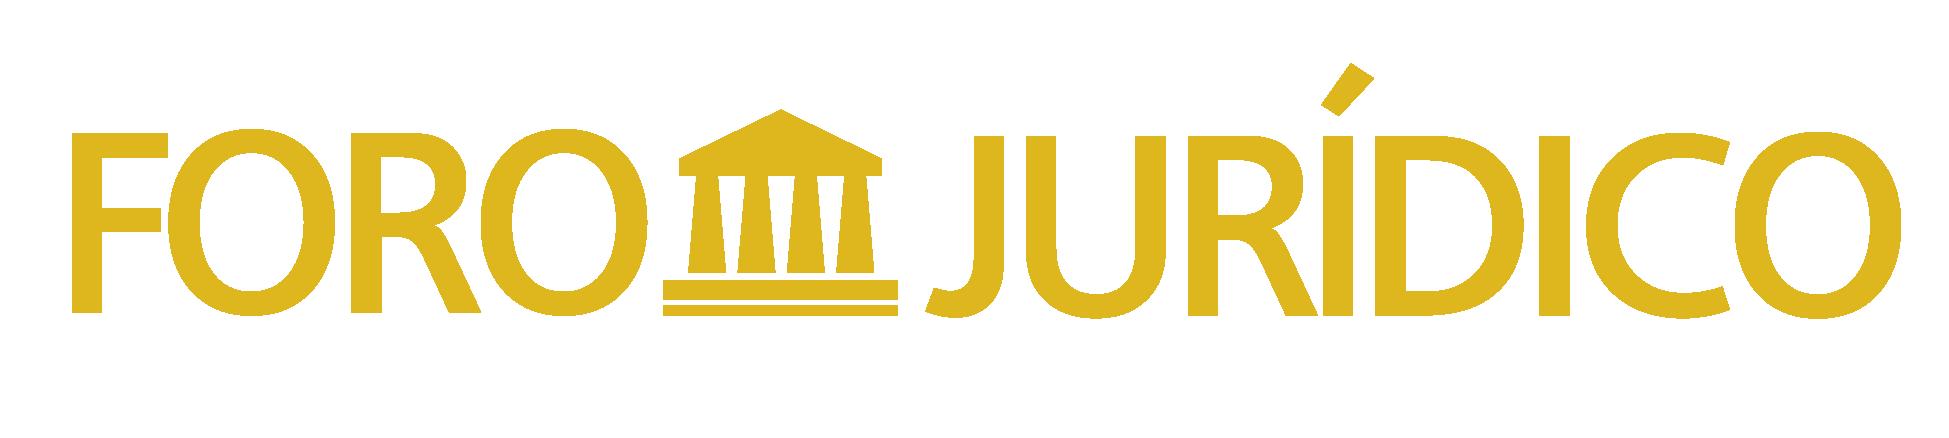 Foro Jurídico